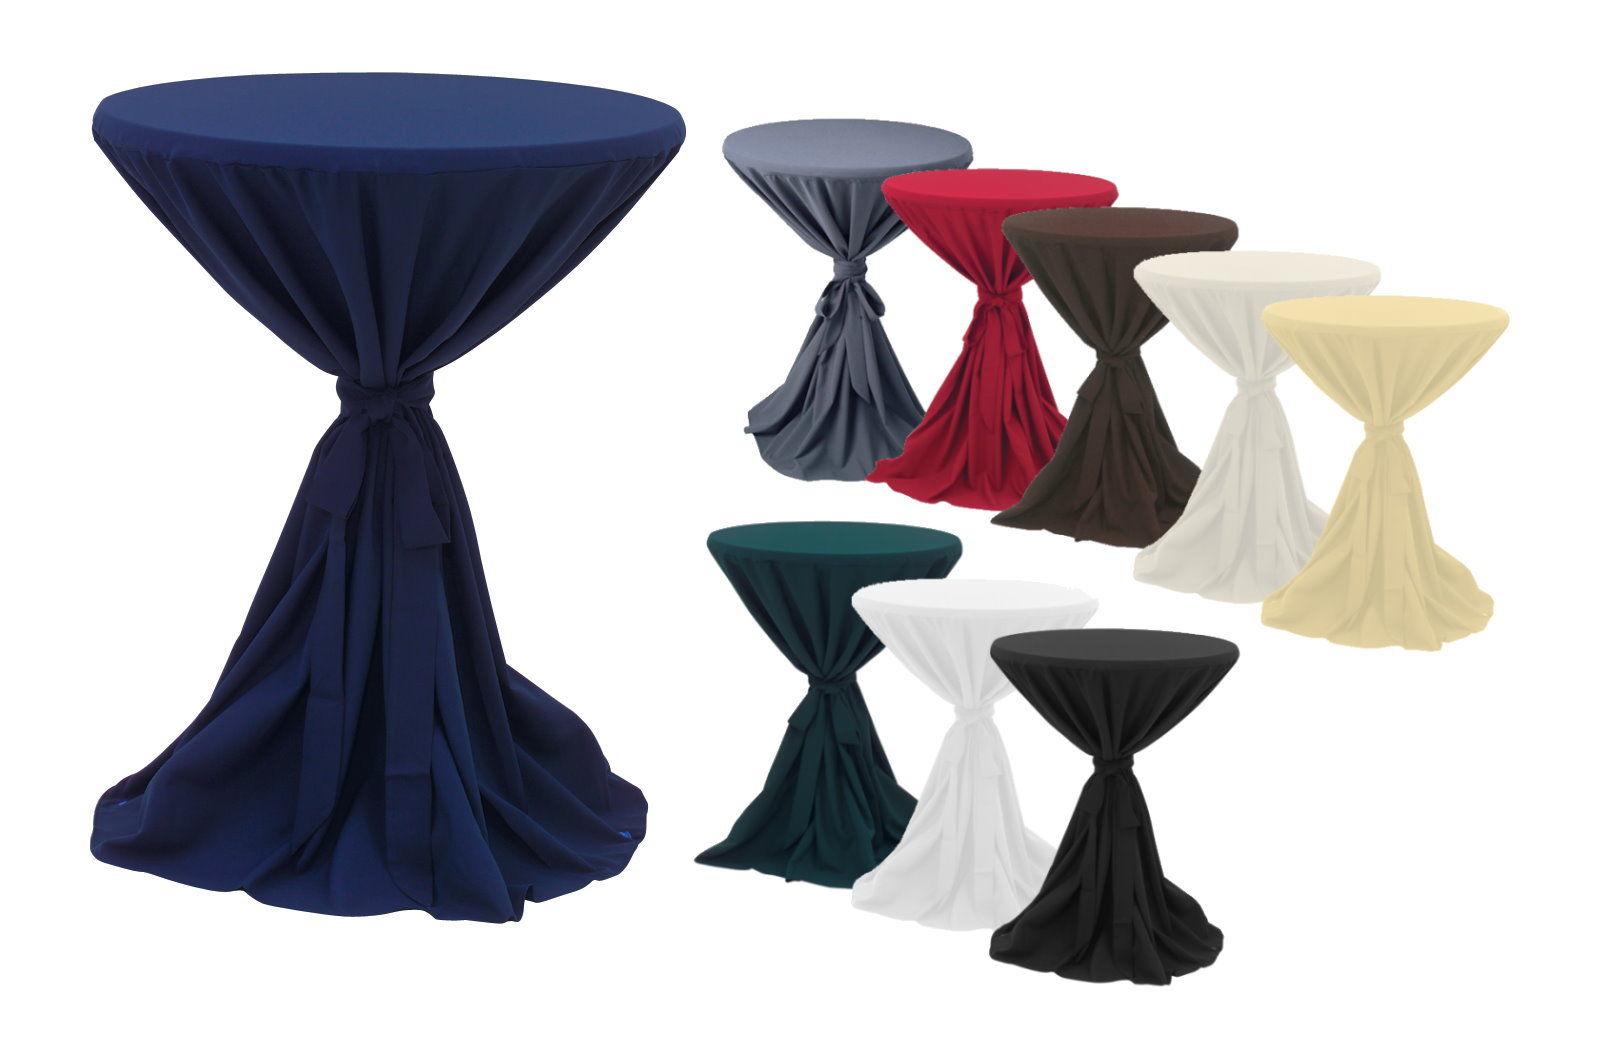 premium gastro stehtisch husse tischhusse bistrotisch tisch berwurf tischdecke ebay. Black Bedroom Furniture Sets. Home Design Ideas